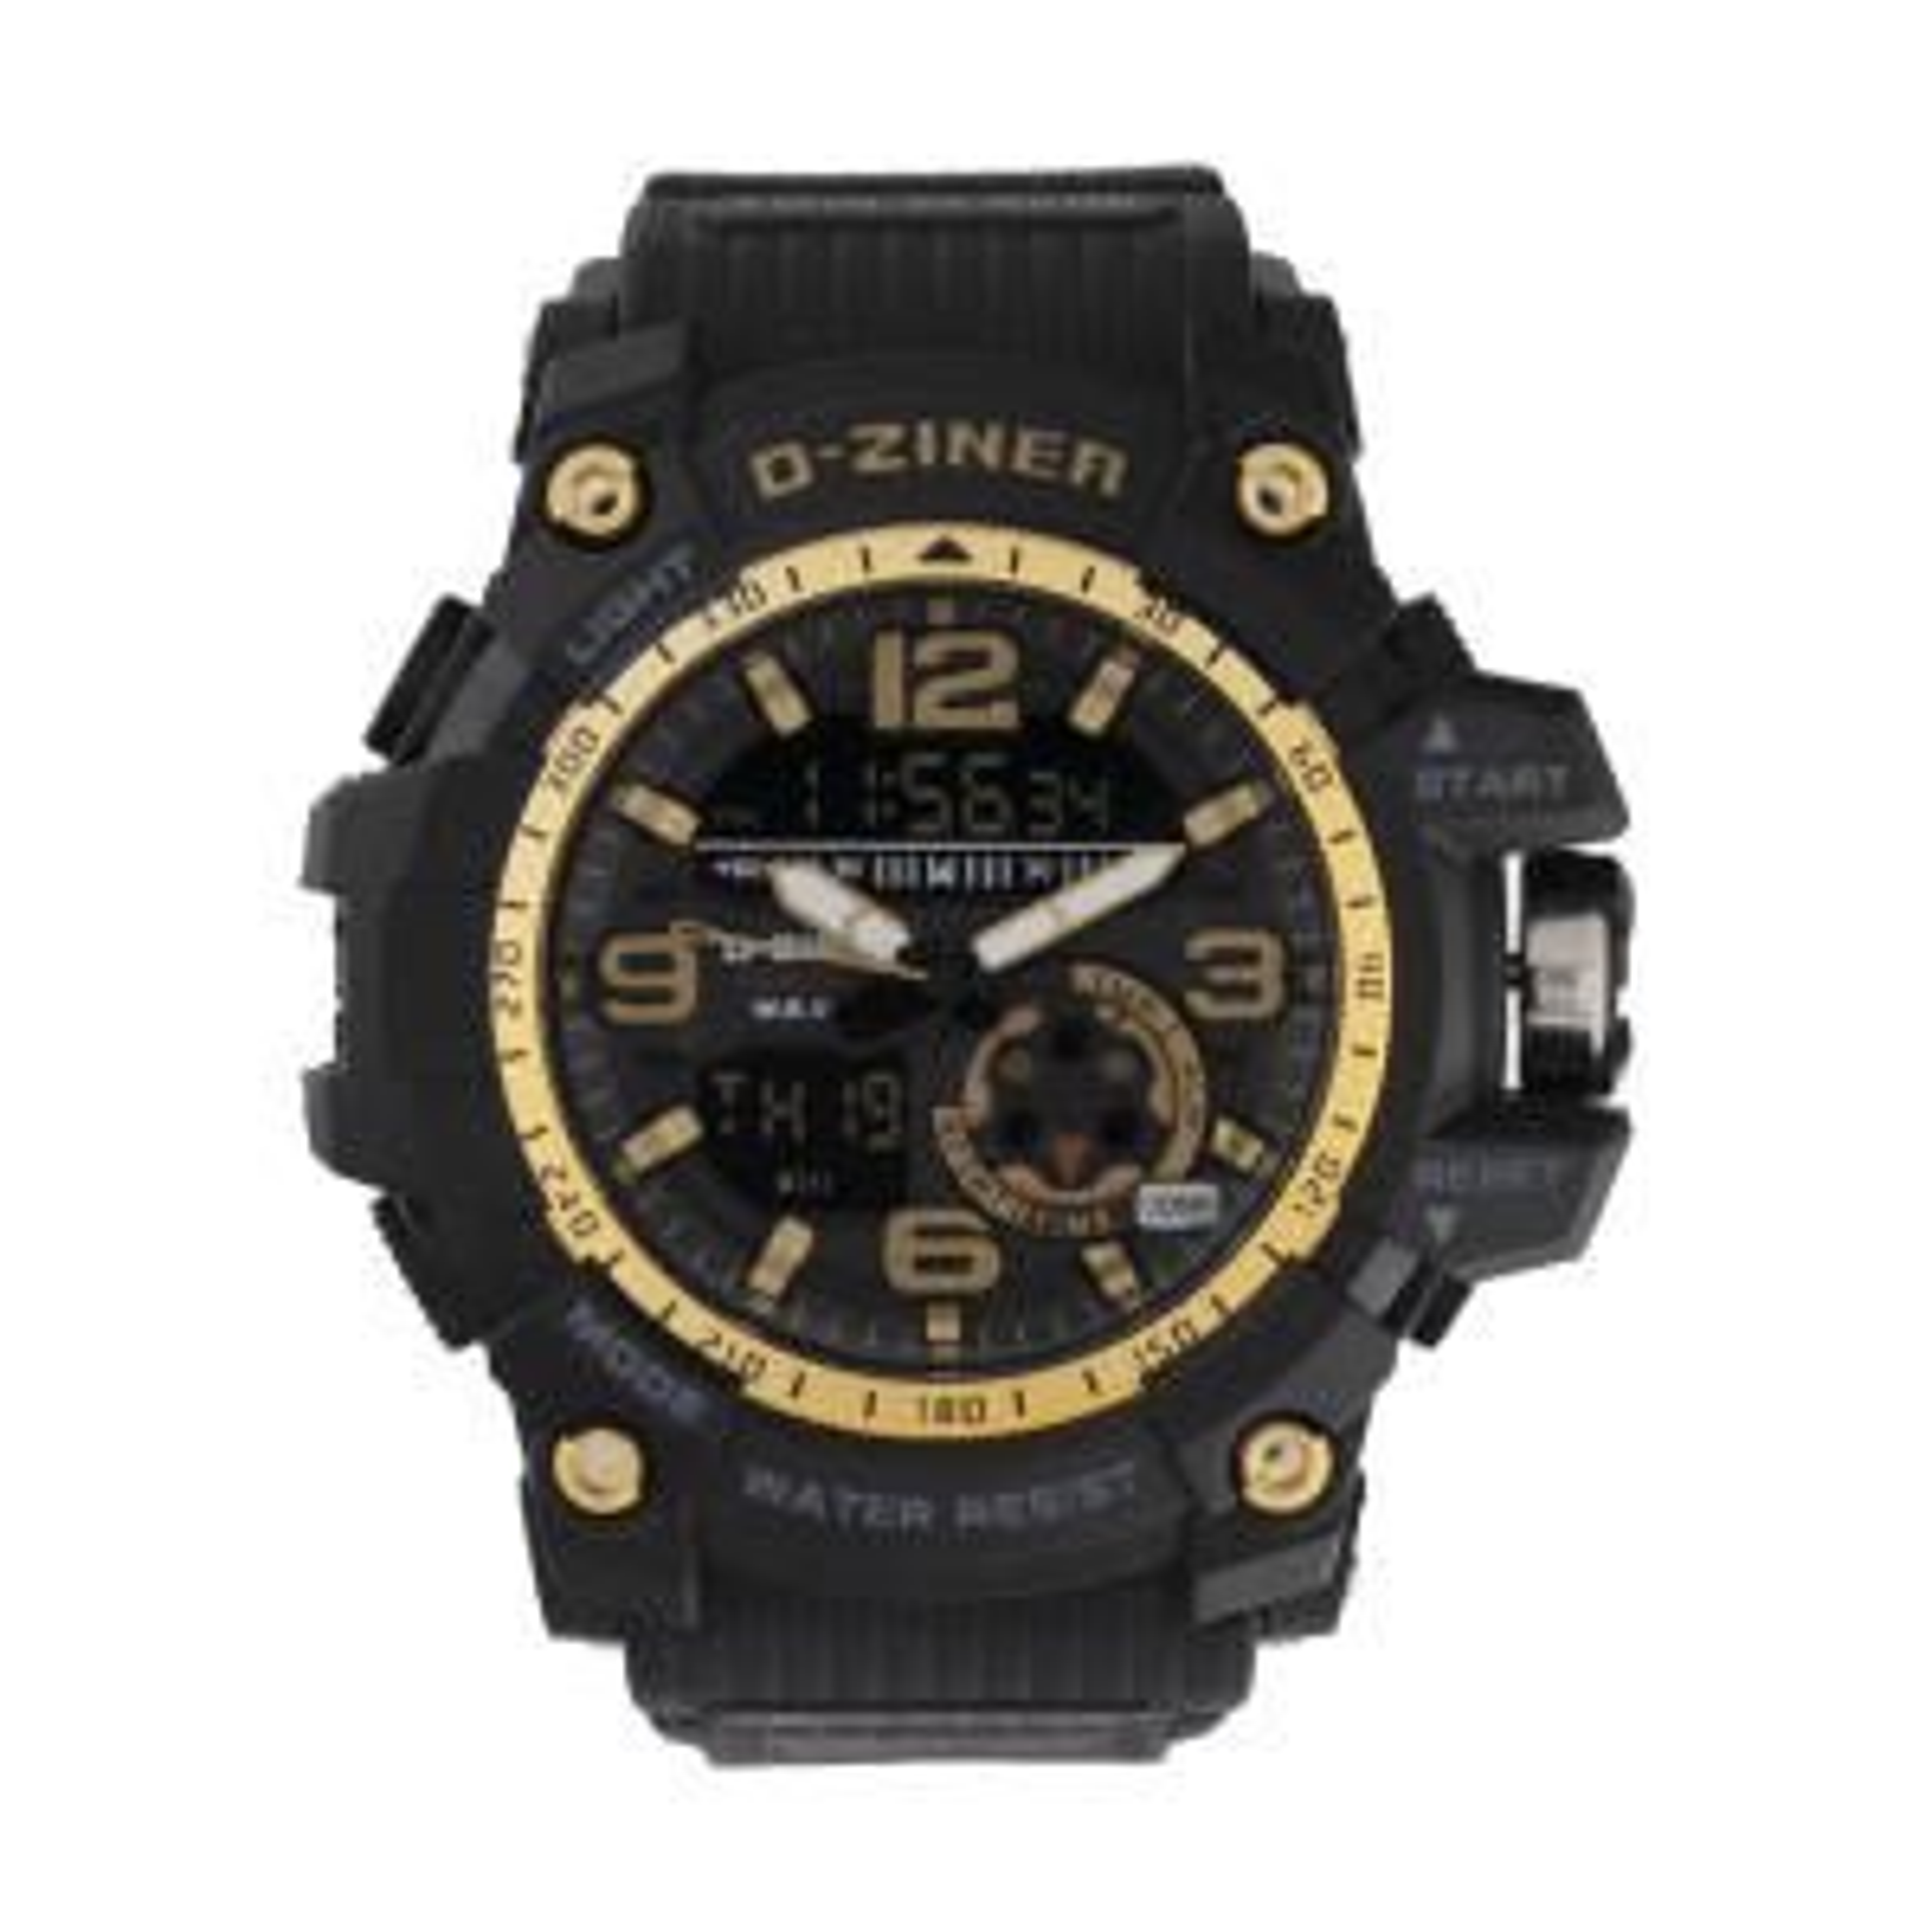 ساعت مچی عقربه ای مردانه دیزاینر مدل D-Z7040 17